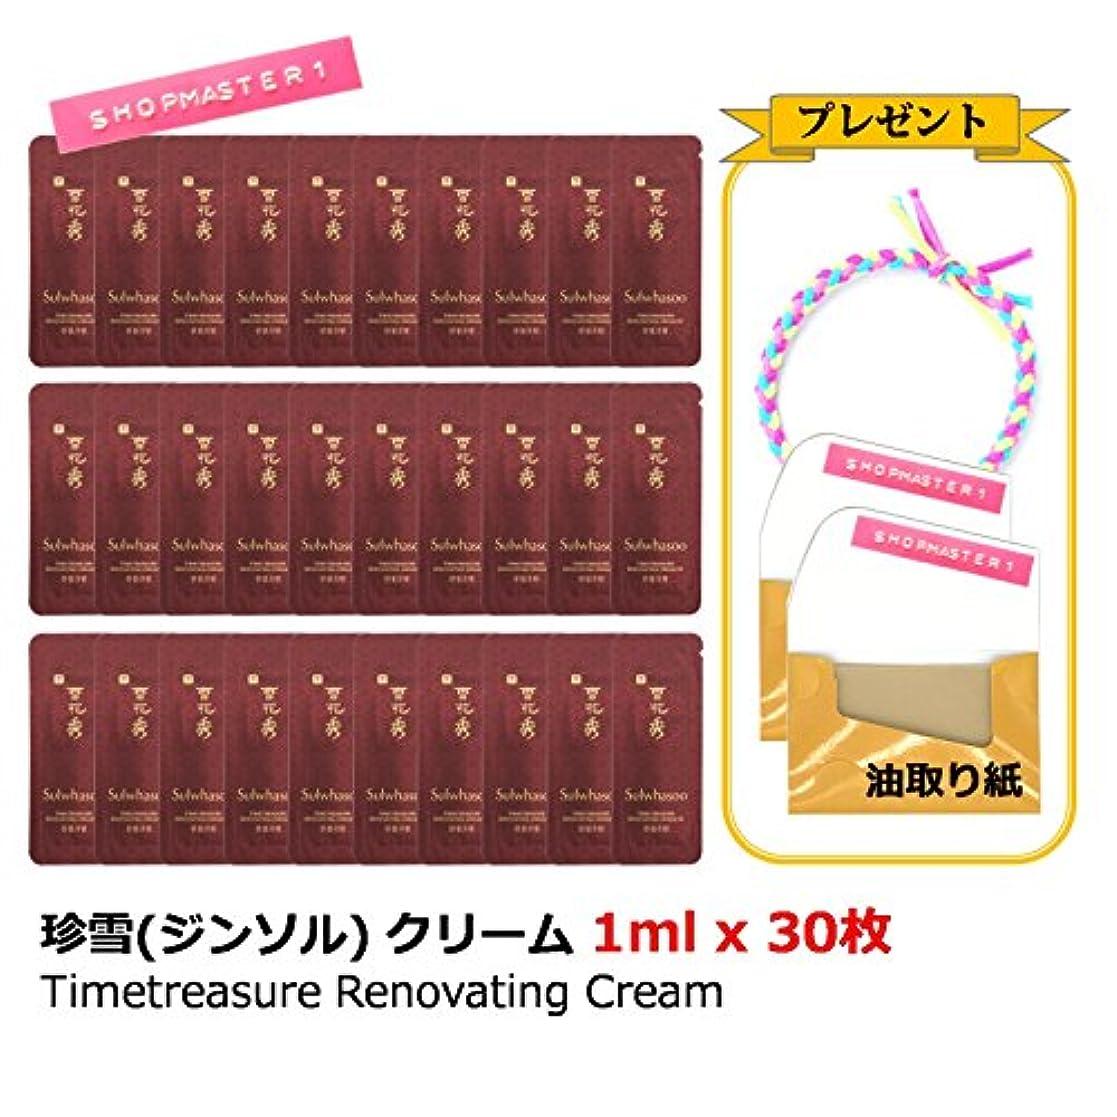 火山の中で大人【Sulwhasoo ソルファス】珍雪(ジンソル) クリーム 1ml x 30枚 Timetreasure Renovating Cream/プレゼント 油取り紙 2個(30枚ずつ)、ヘアタイ/海外直配送